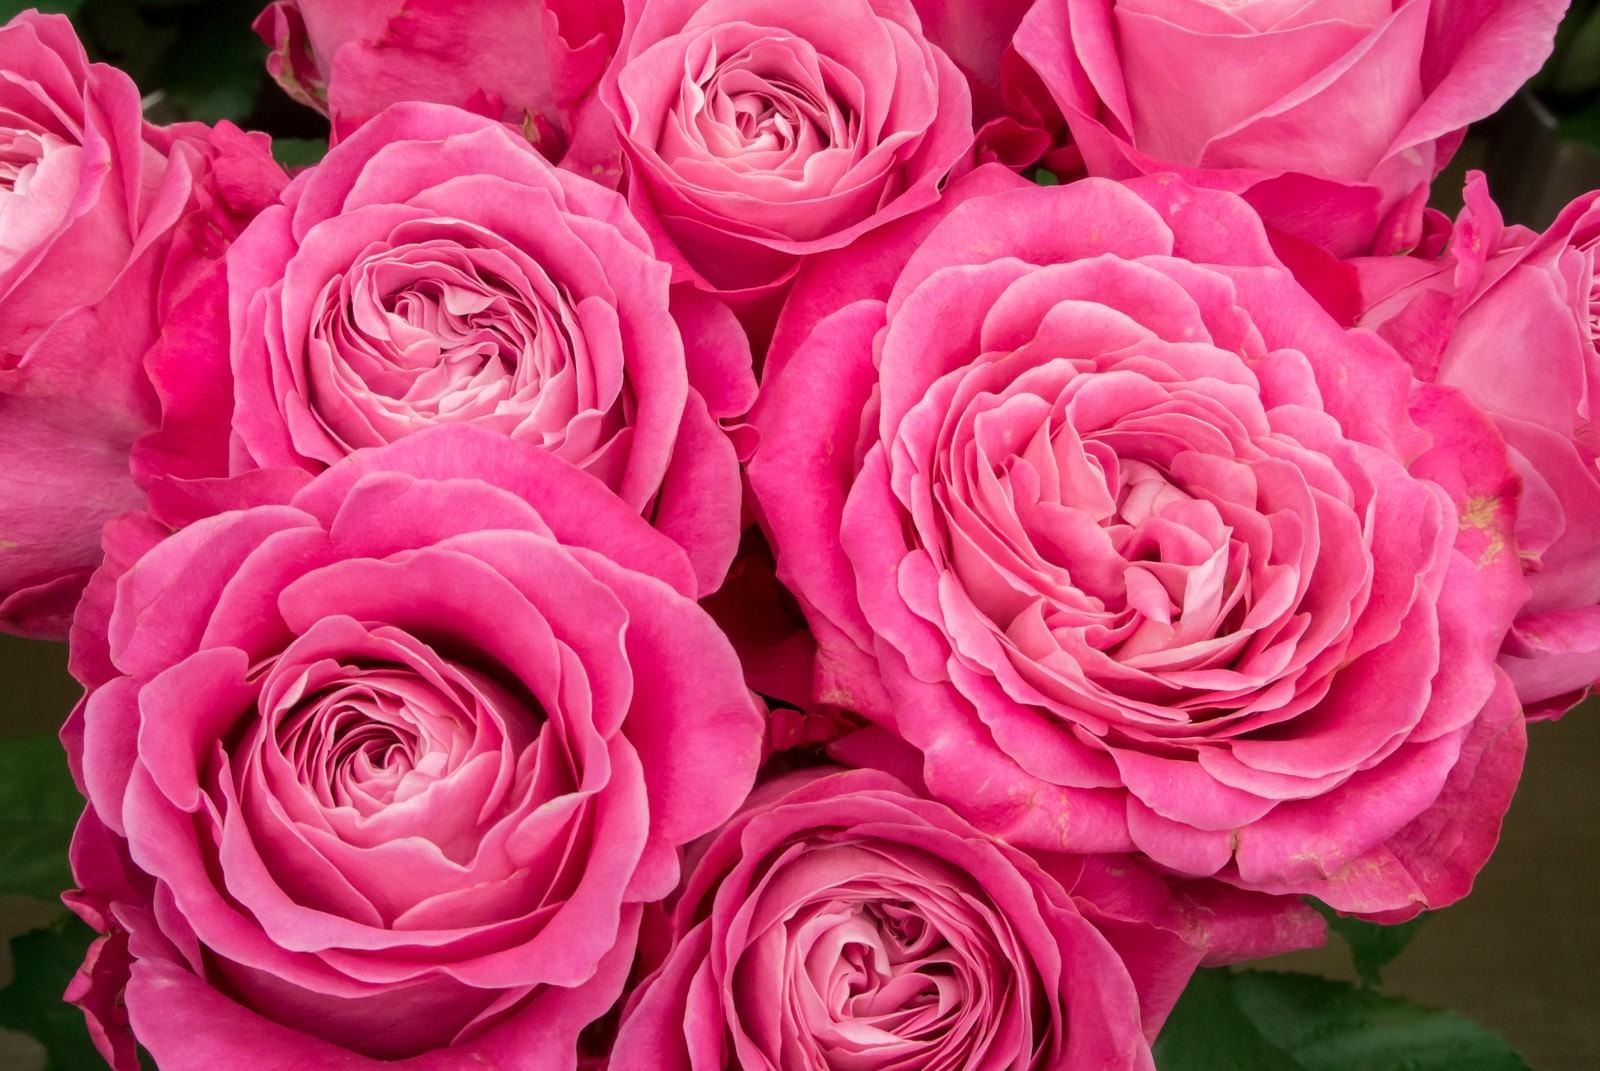 「ピンク色に咲いた薔薇の花」の写真